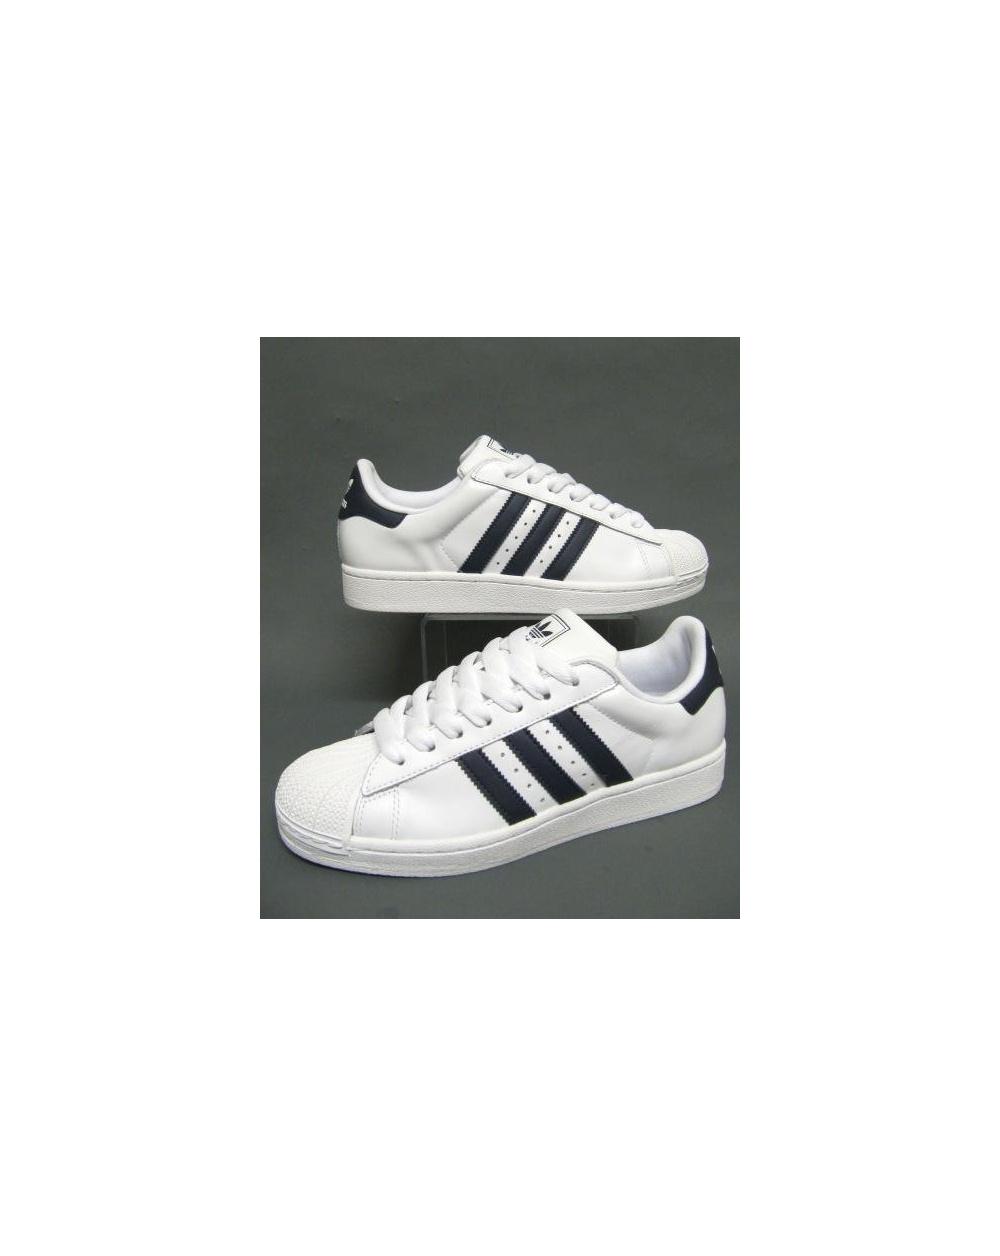 Adidas Superstar 2 Hvit Marine UH9hq3T3i2